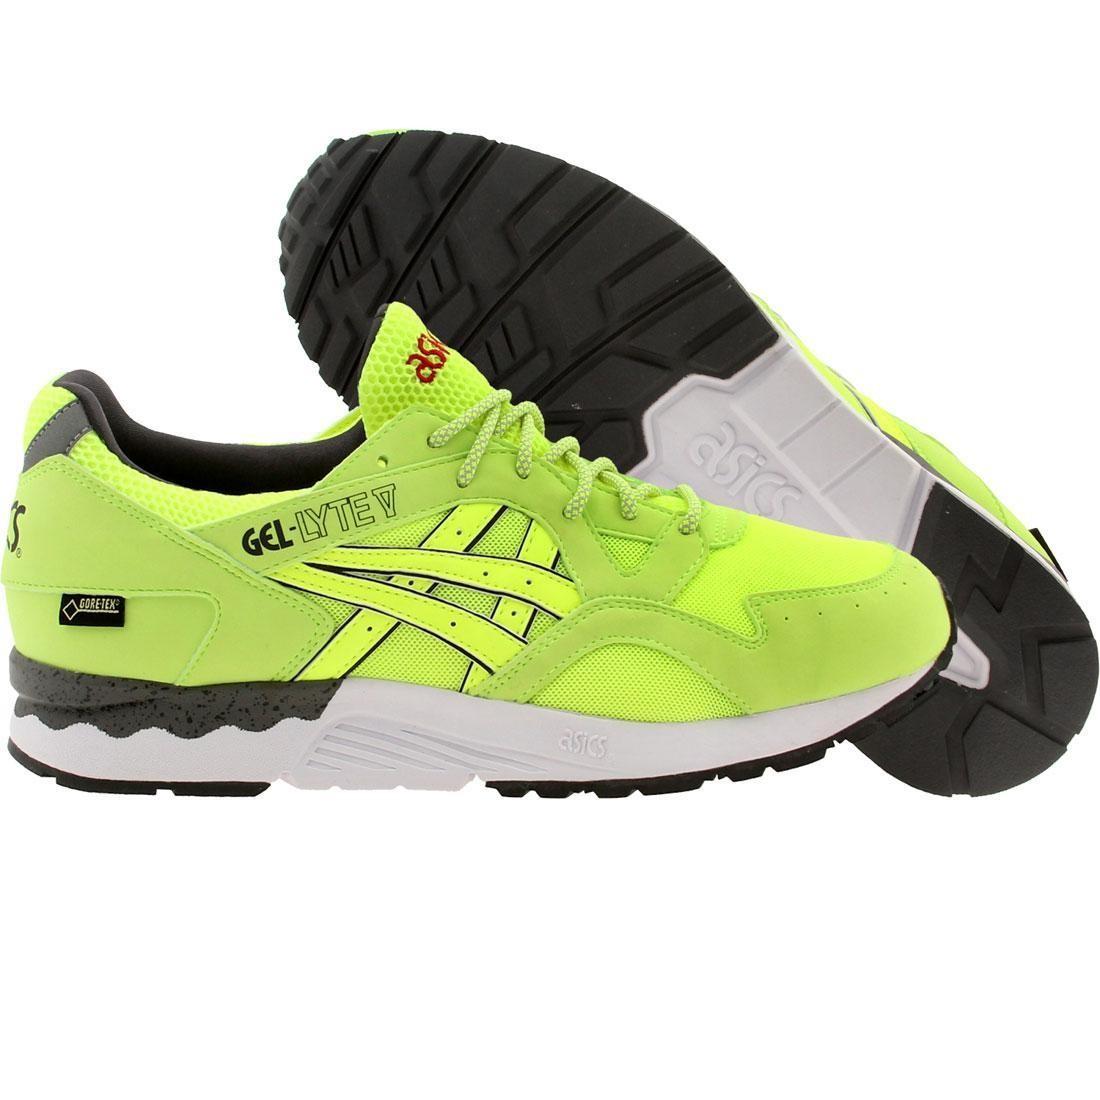 【海外限定】アシックス スニーカー メンズ靴 【 ASICS TIGER X UBIQ MEN GEL LYTE V HAZARD GREEN LIME 】